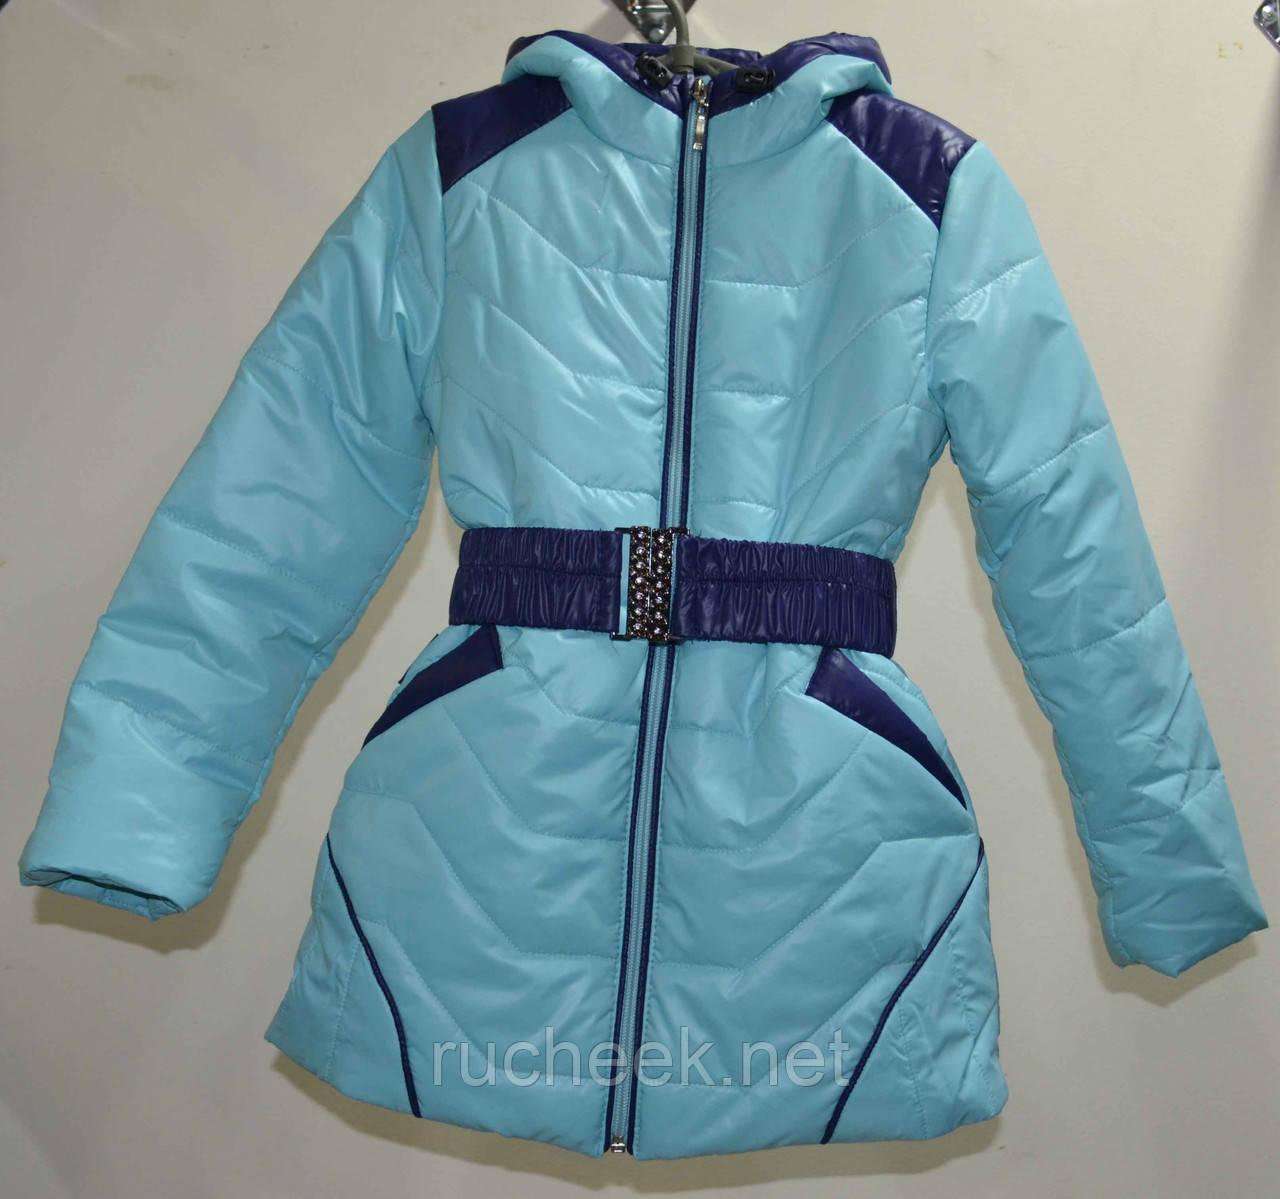 Пальто детское куртка удлиненная р-ры 98, 104, 110, 116, ТМ Одягайко 1